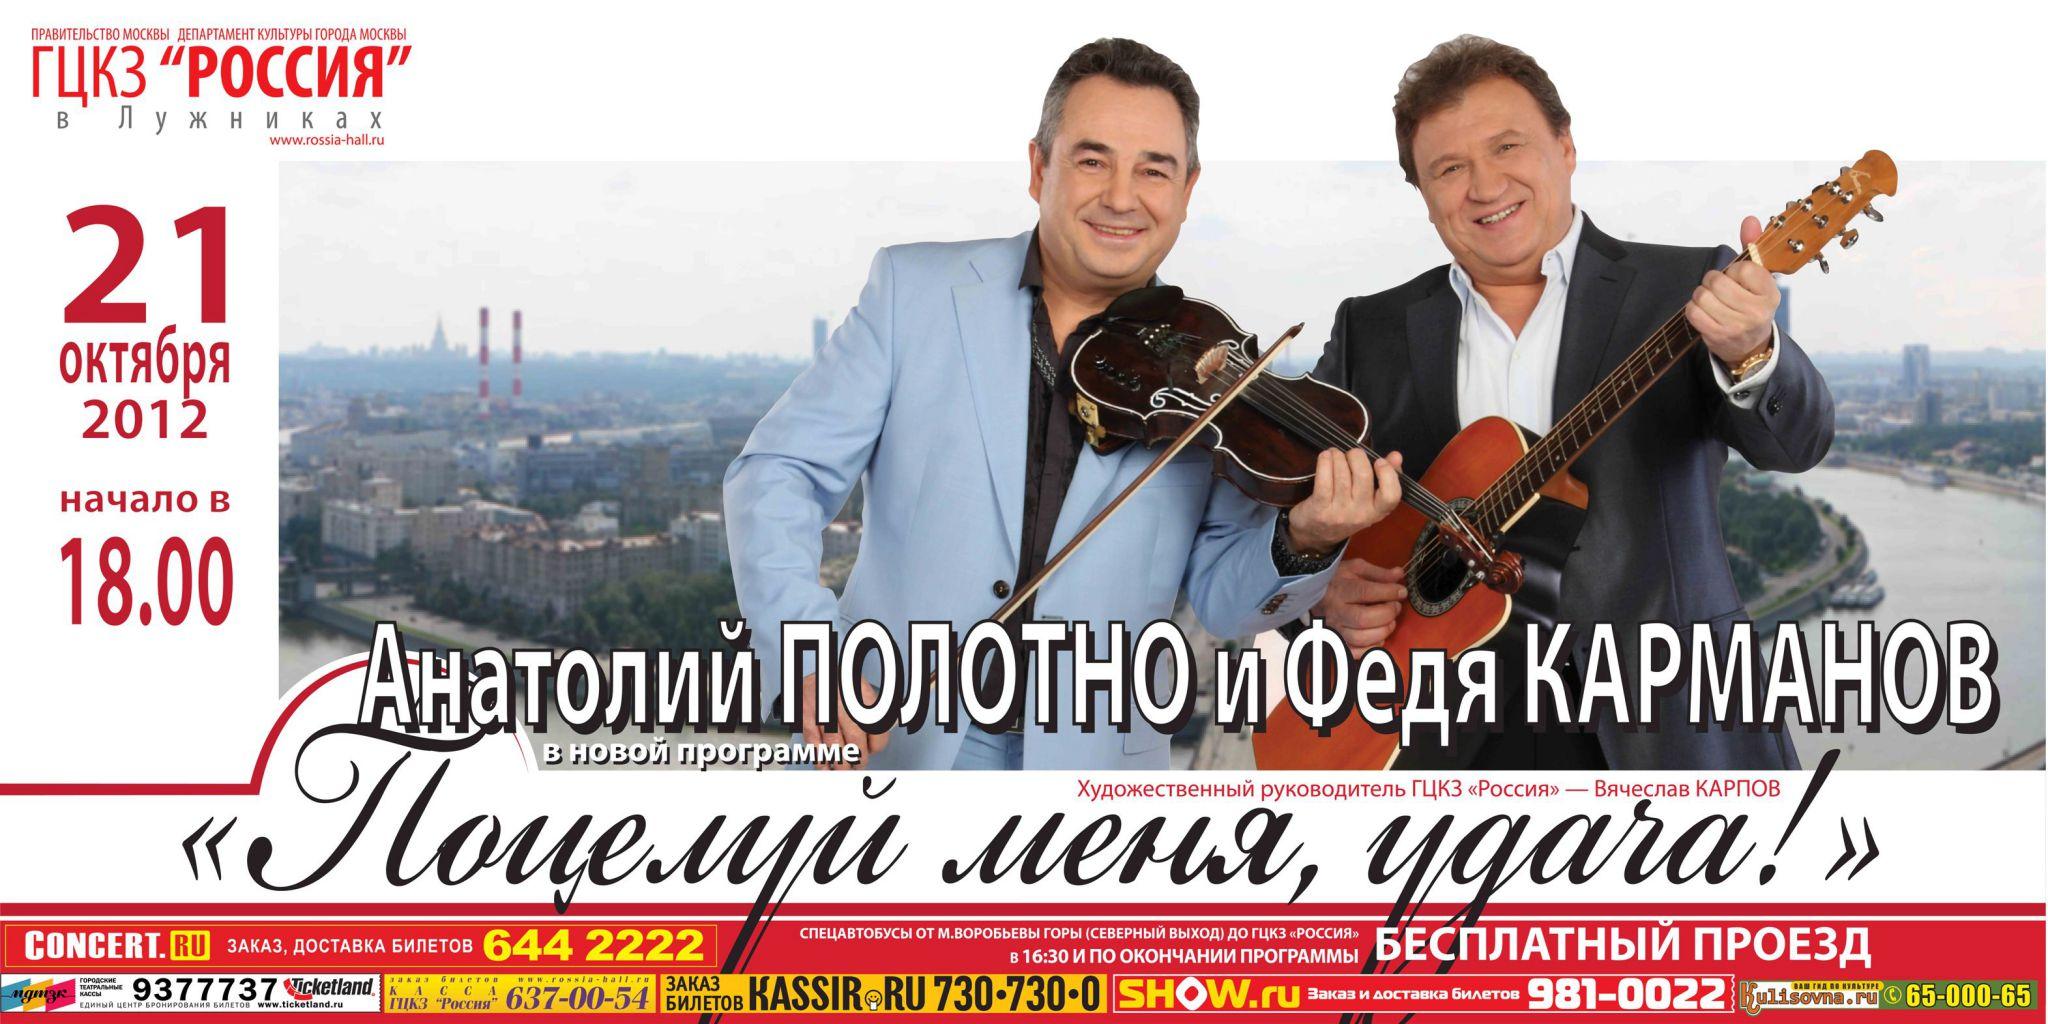 Сольный концерт Анатолия Полотно и Феди Карманова 21 октября 2012 года